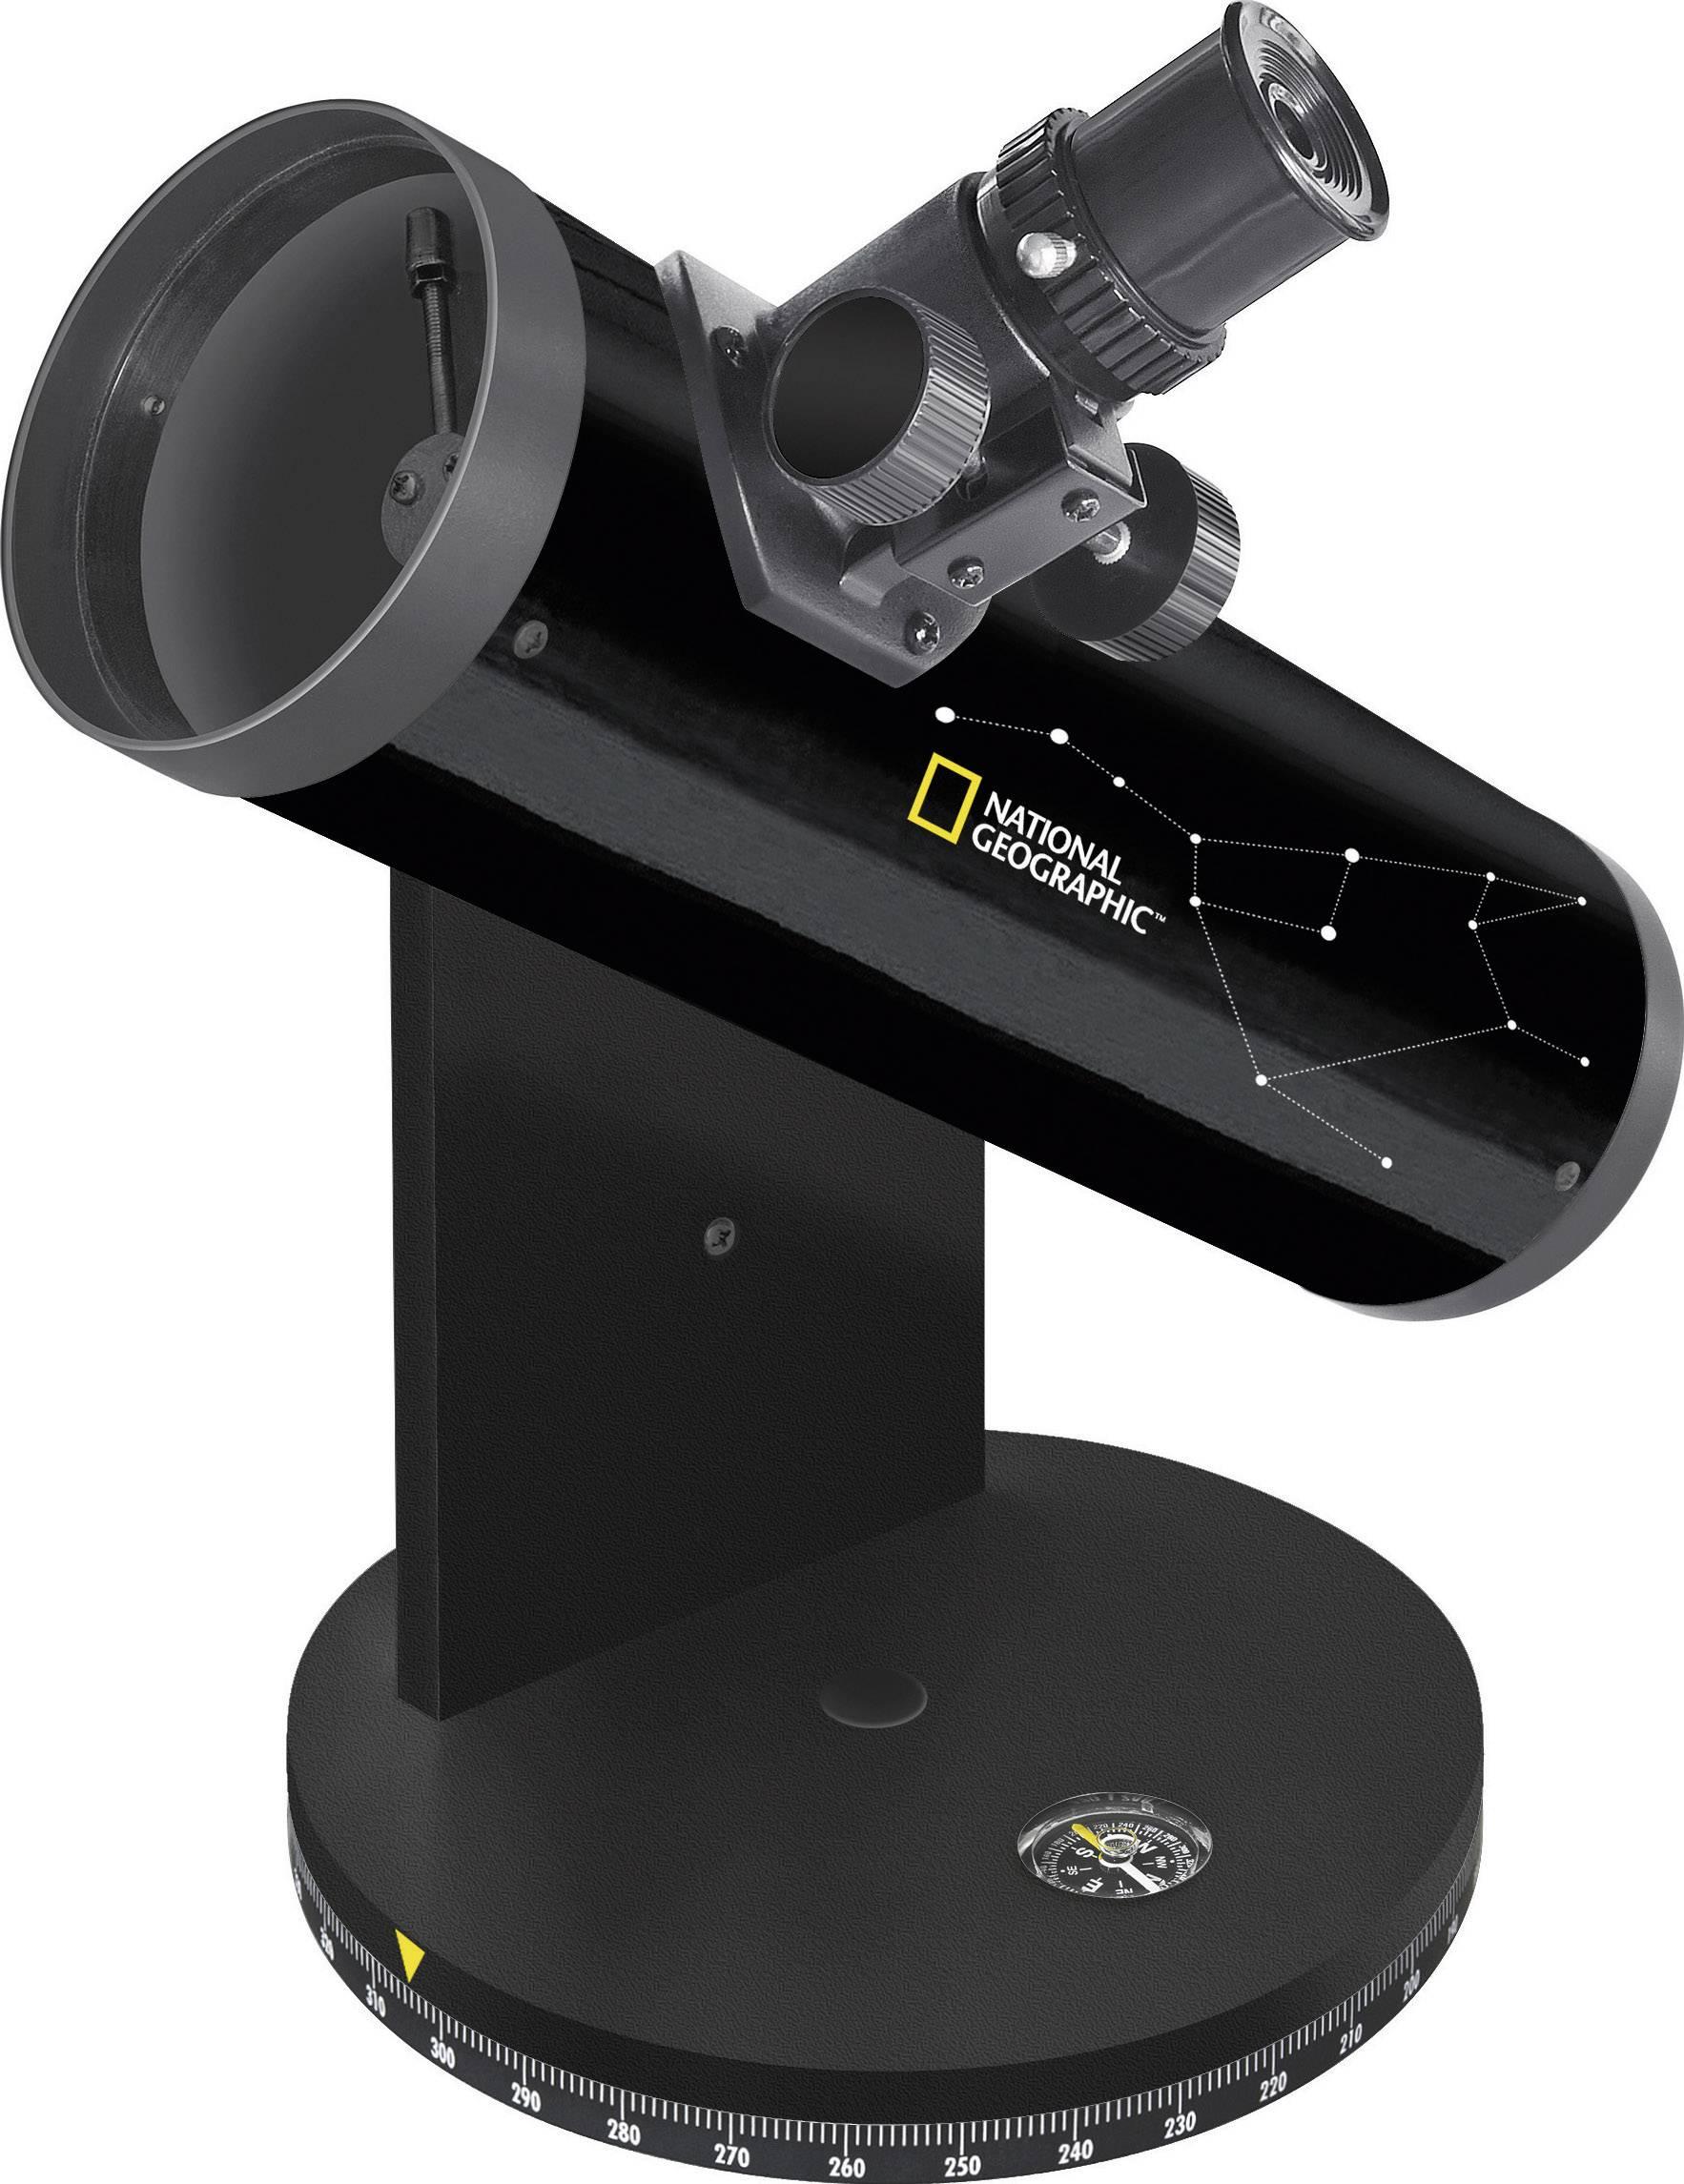 Hvězdářský teleskop National Geographic 76/350, DOBSON 9015000, 18 až 117 x